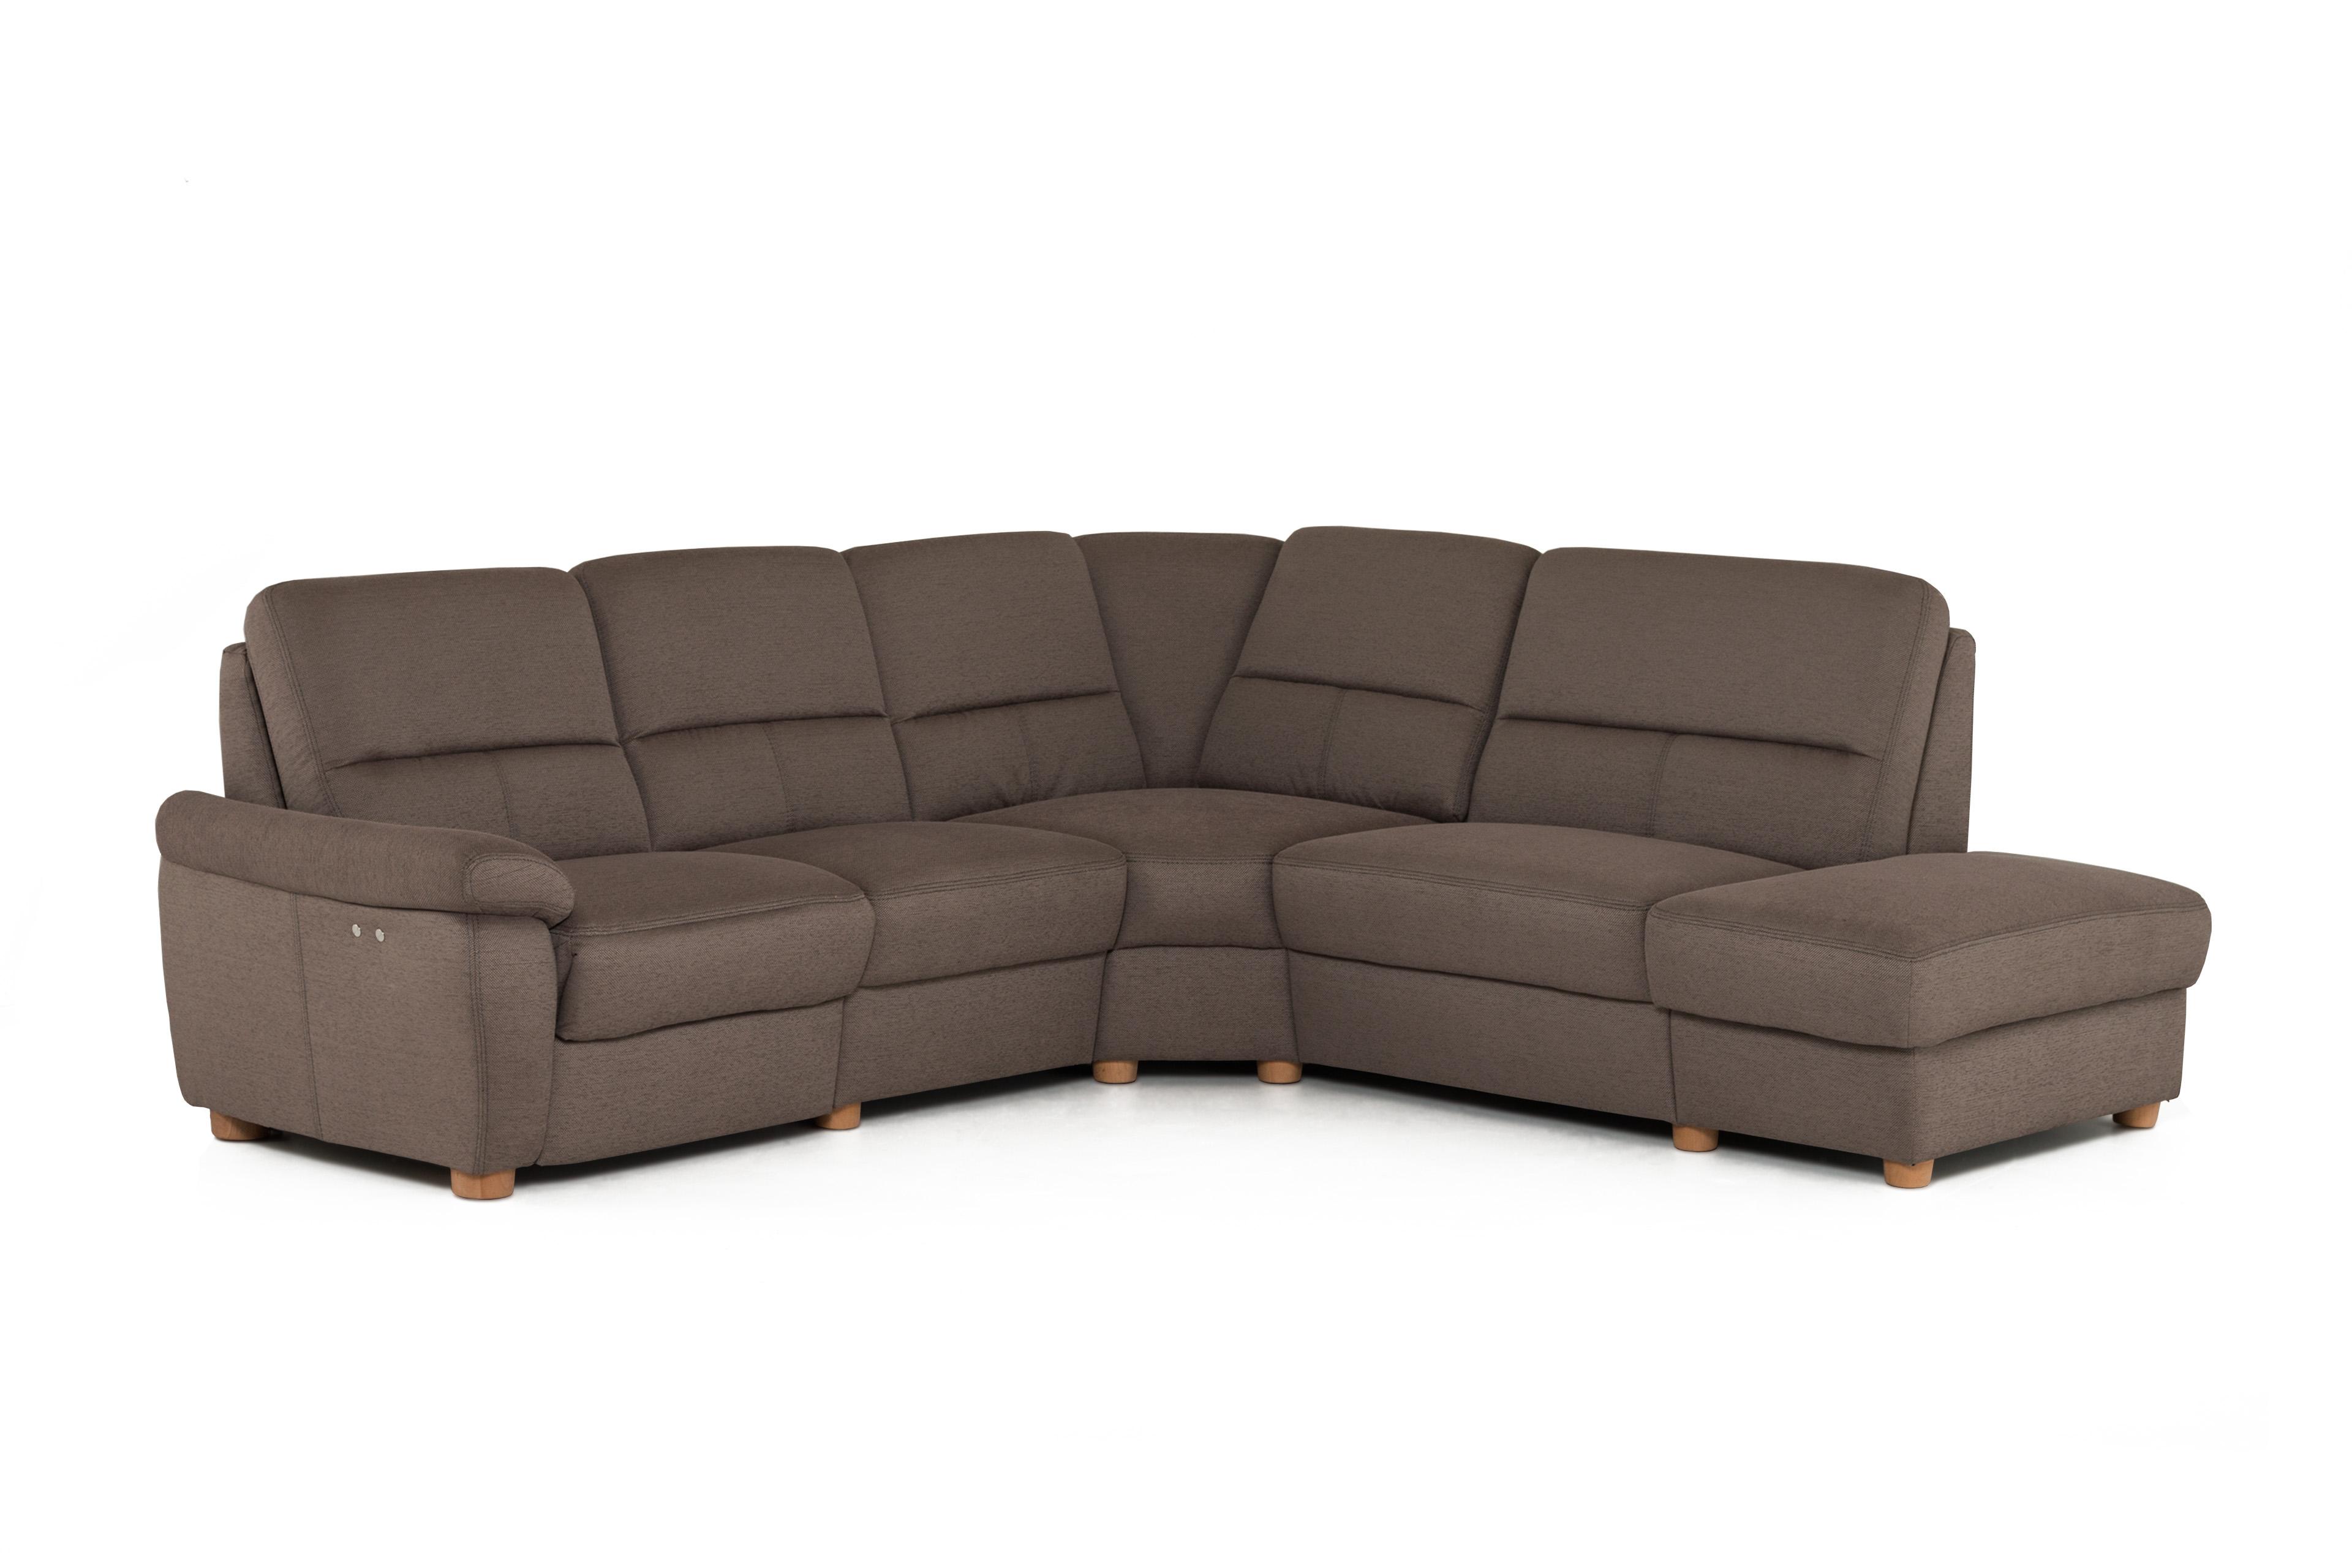 polstergarnitur braun dreamer 5003 von arco m bel letz. Black Bedroom Furniture Sets. Home Design Ideas